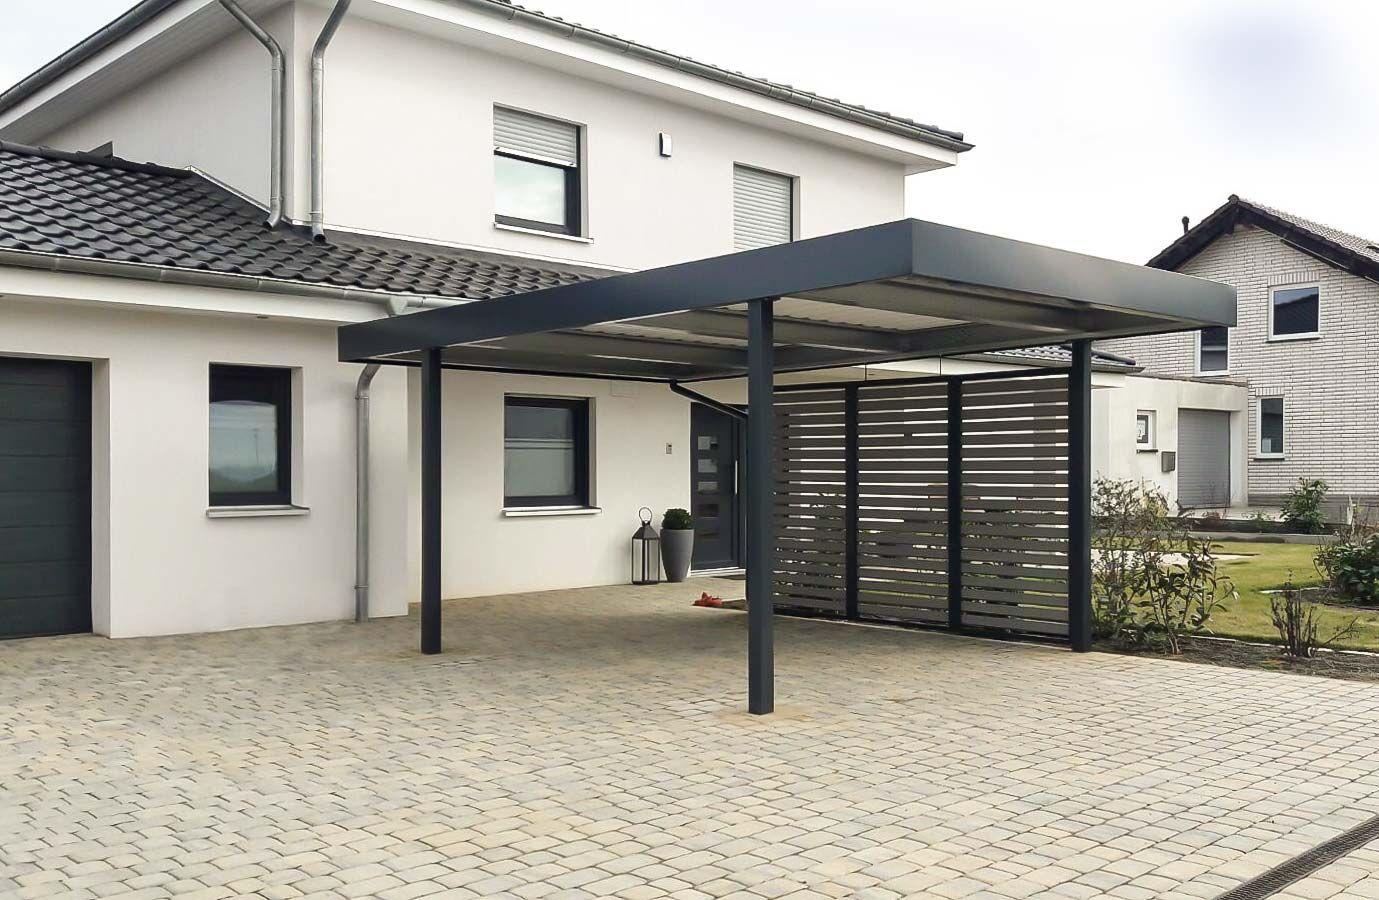 Carport Von Siebau Mit Wandfeld Sichtschutz Carport Carport Modern Garage Und Hobbyraum